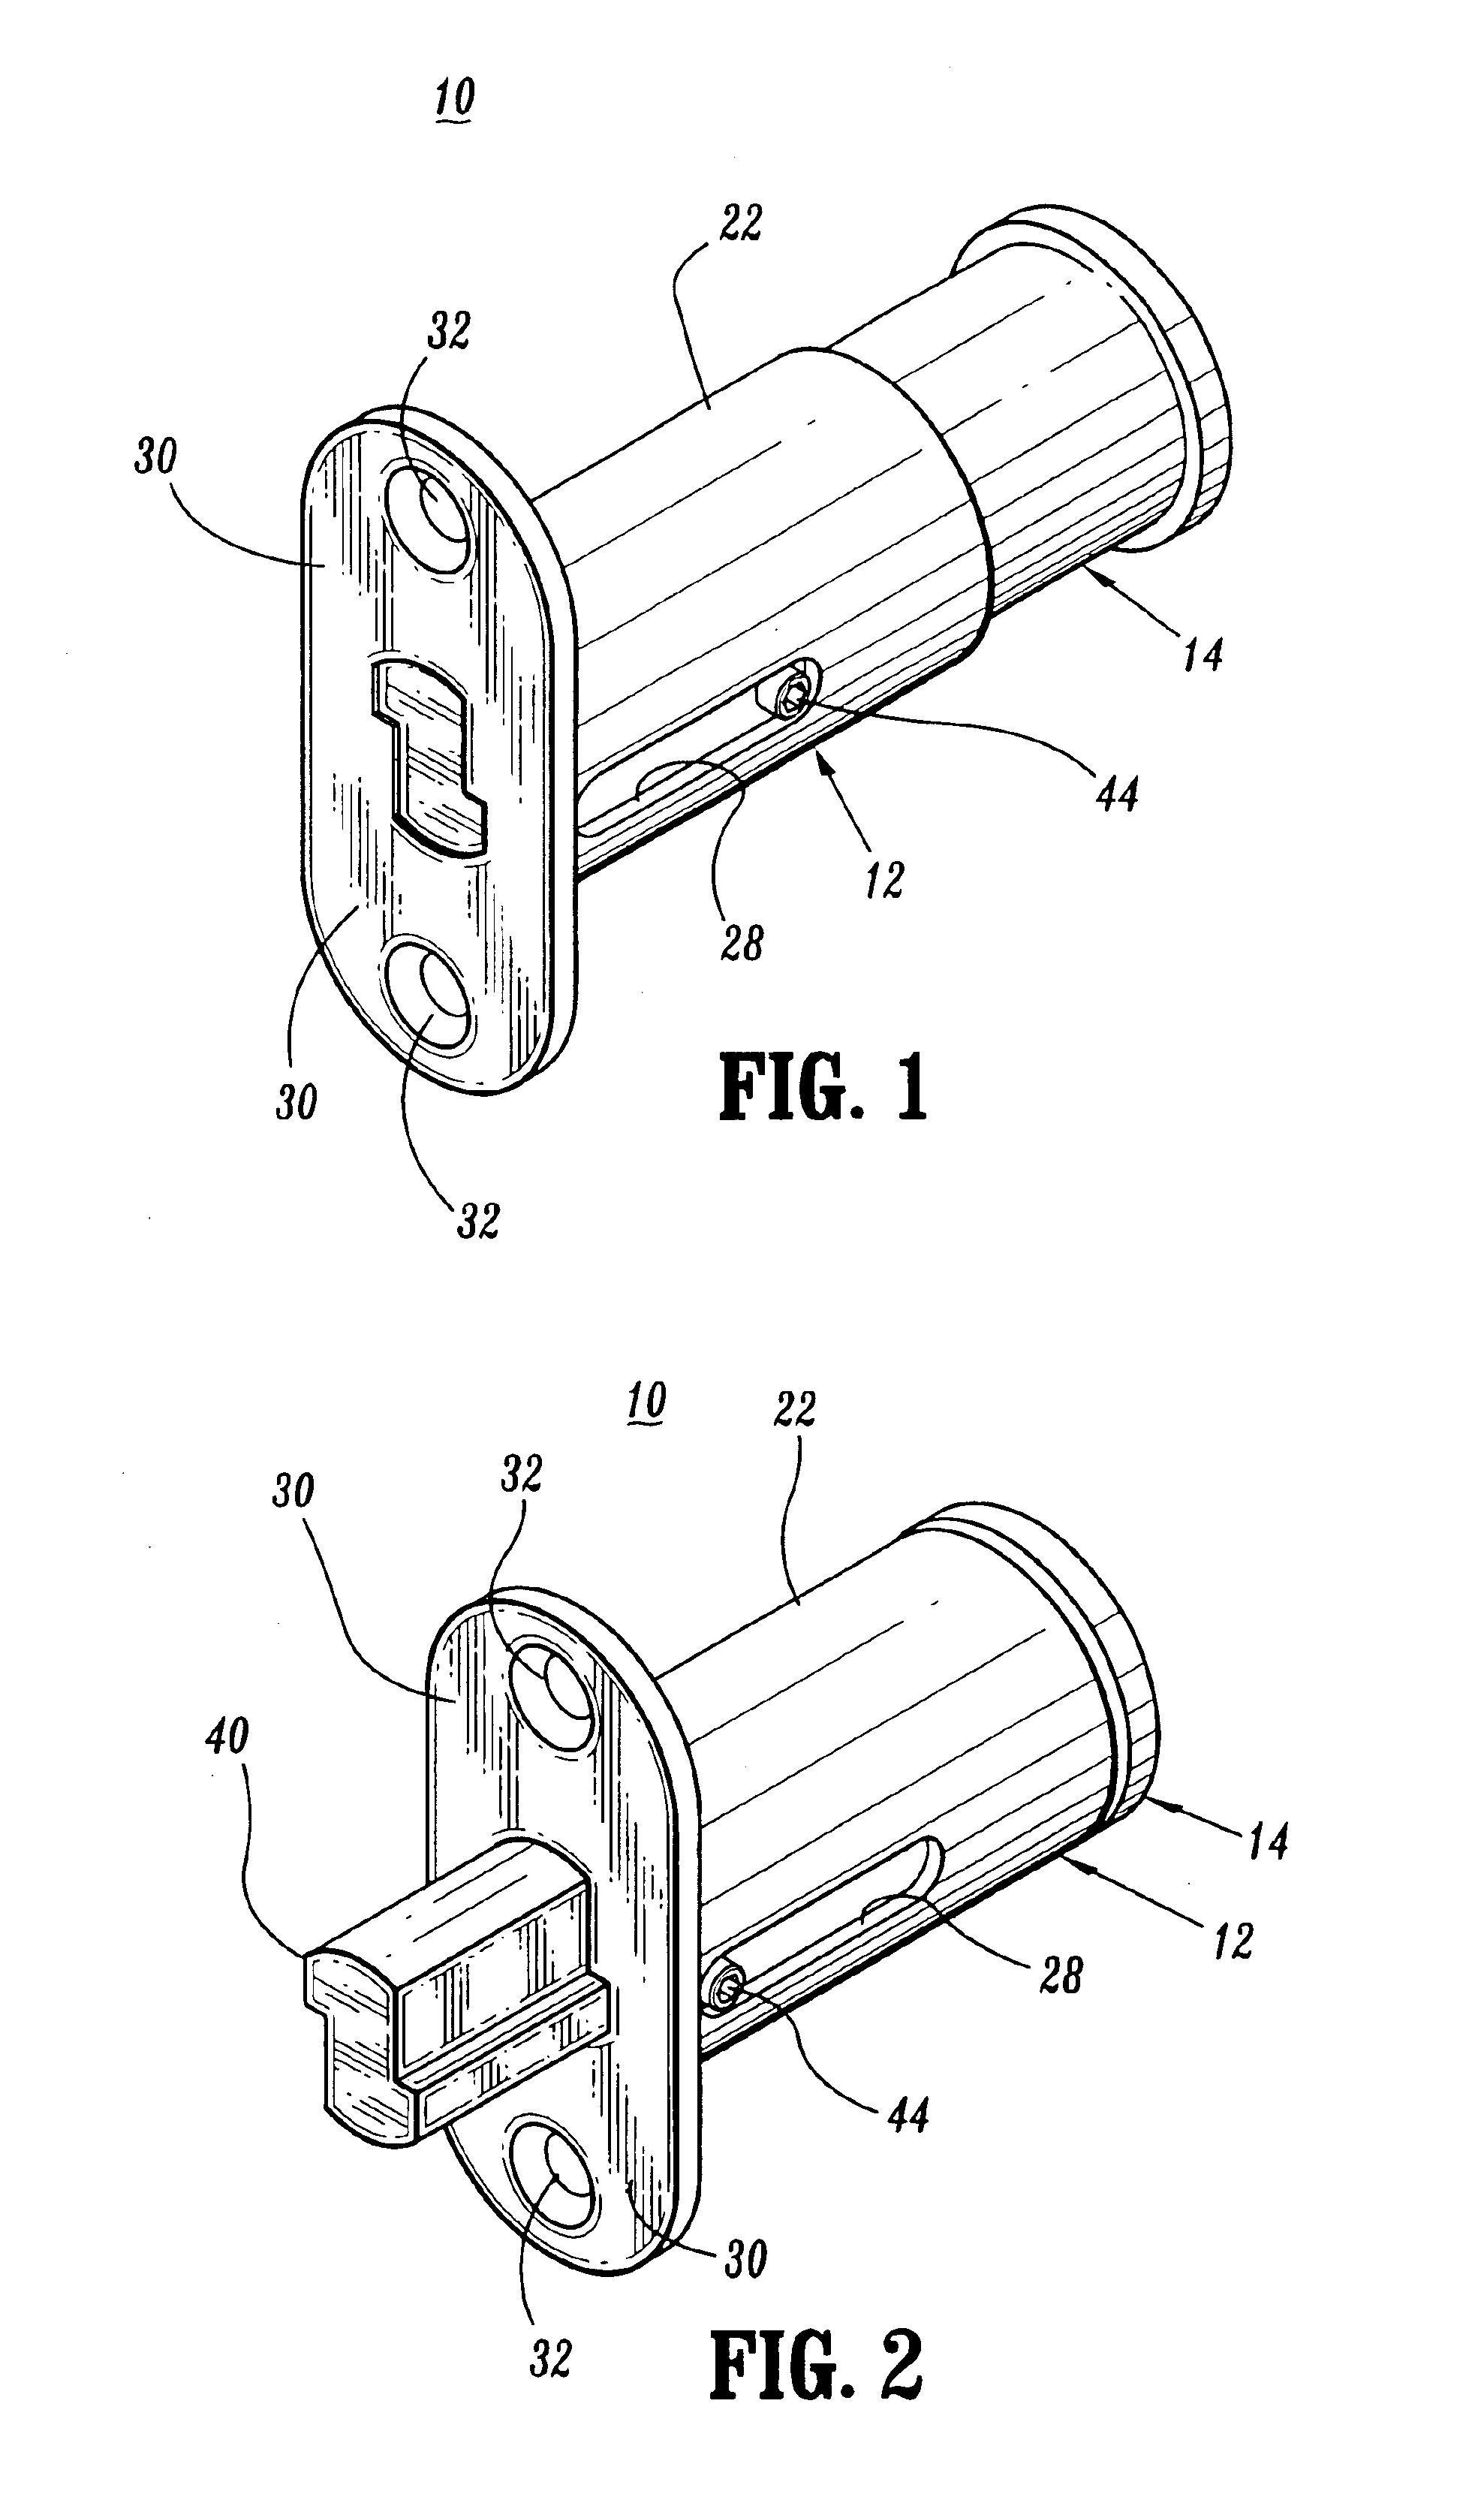 براءة الاختراع US6920770 - Plunger lock assembly with removable core